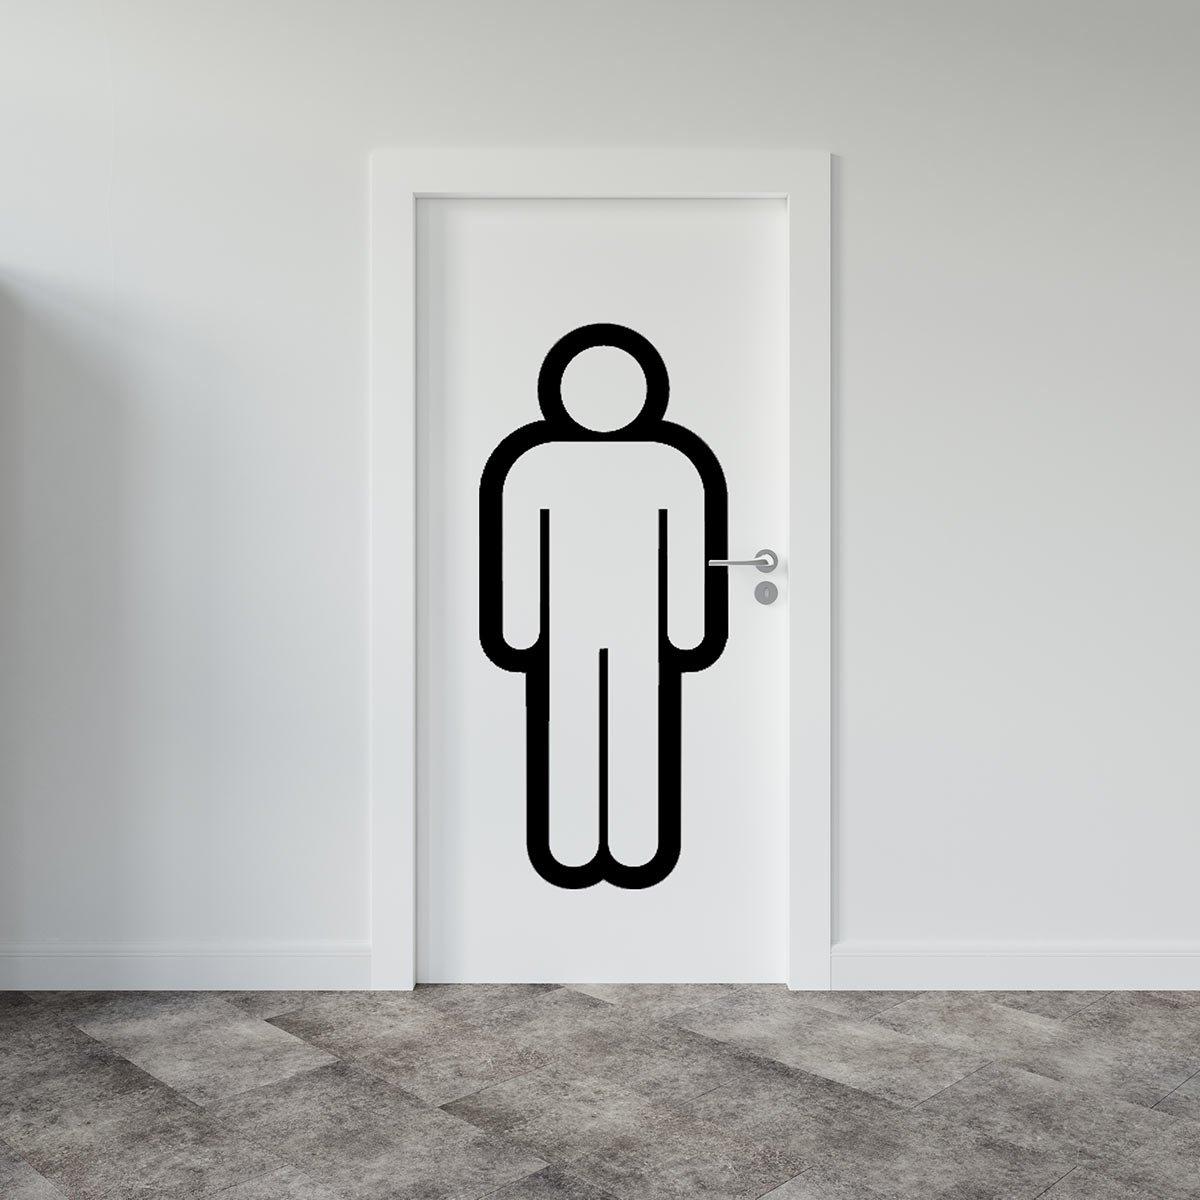 αυτοκολλητα σημανσης τουαλετας ανδρων